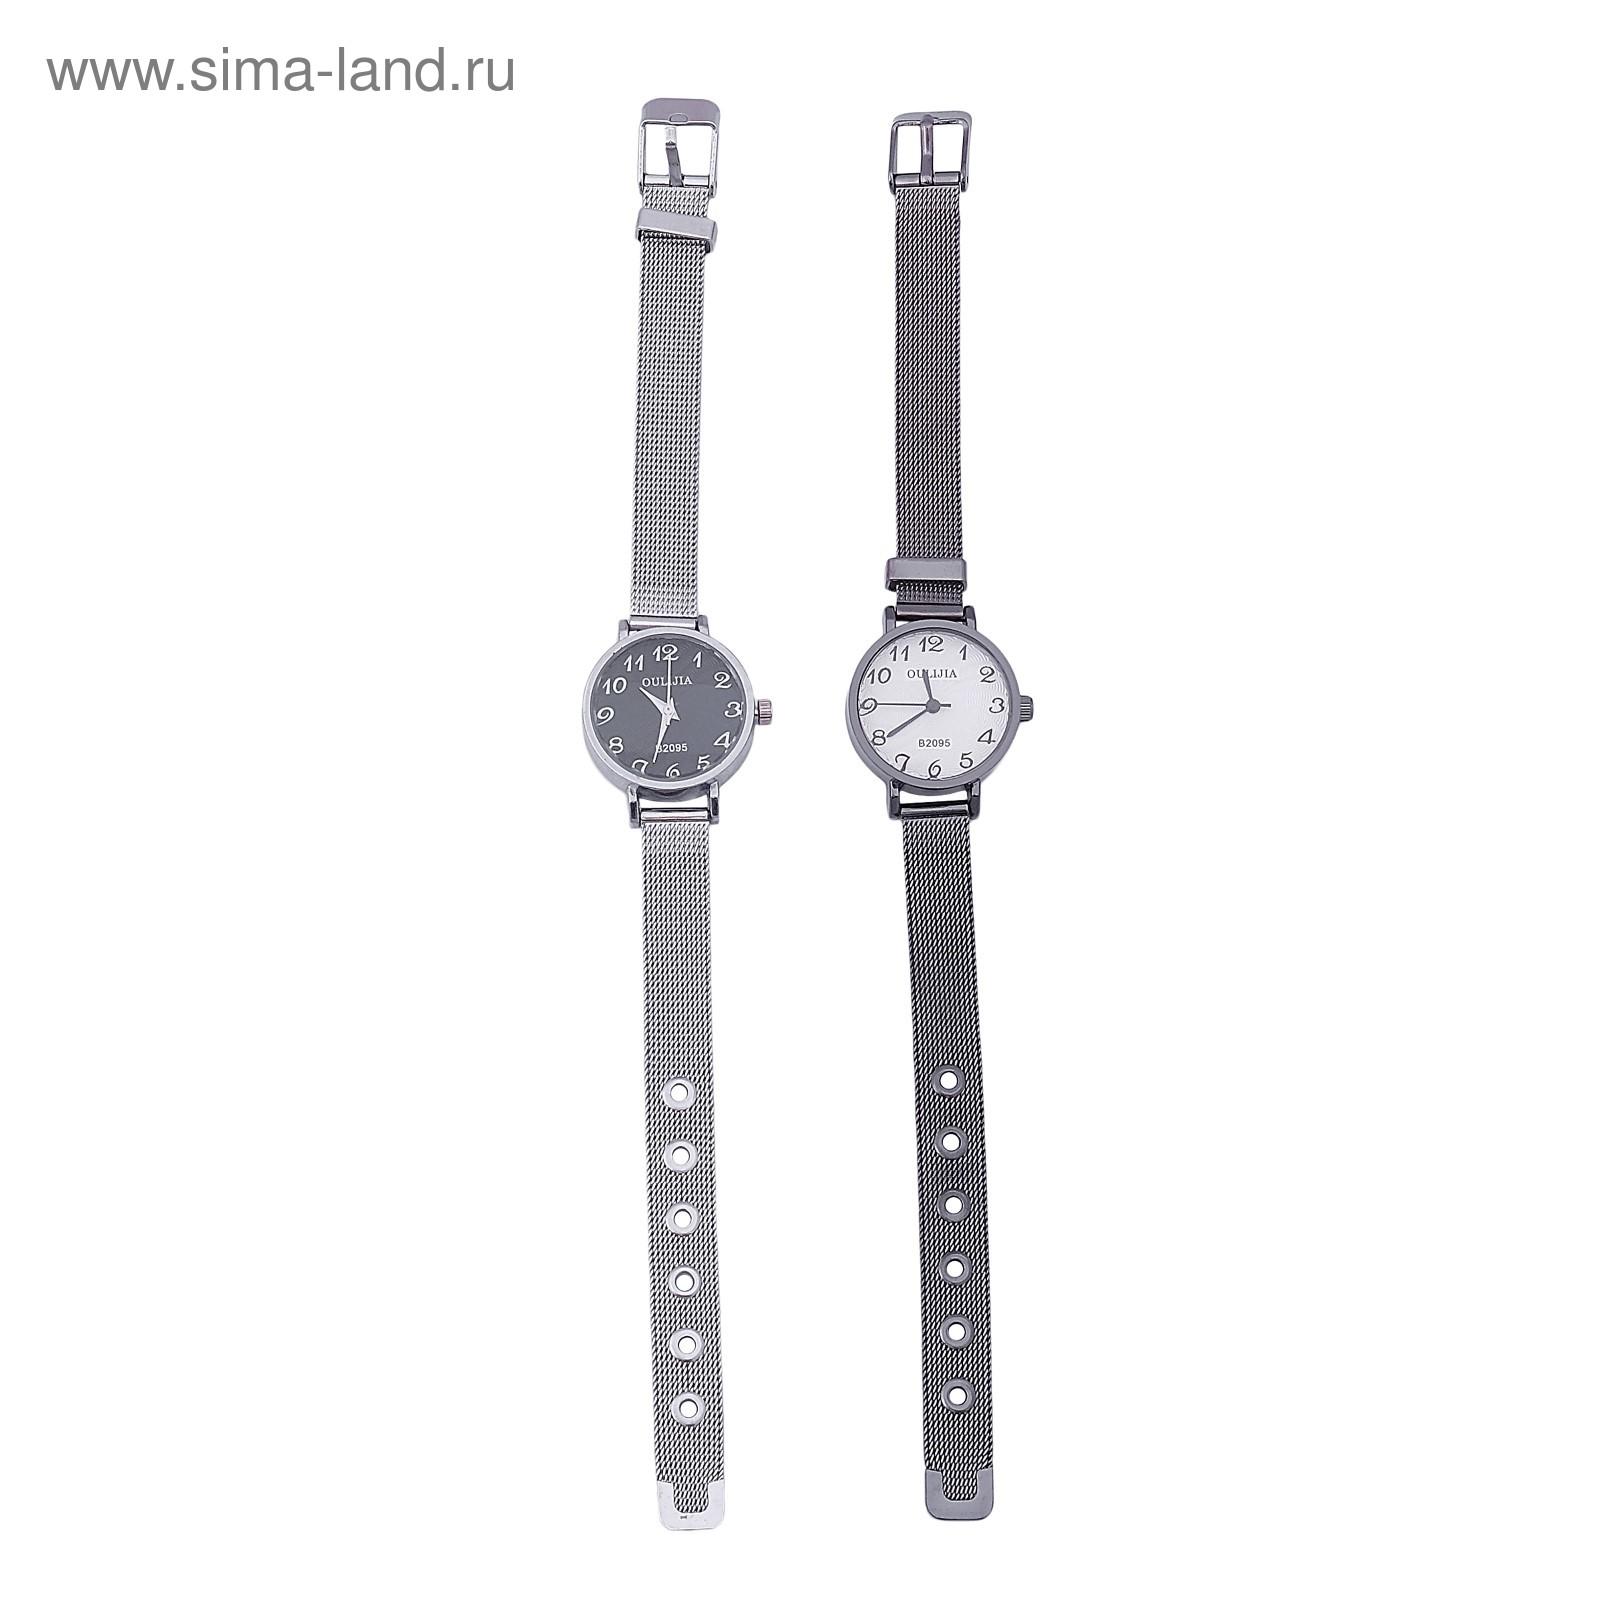 Купить часы женские элегант оригинальные часы купить опт